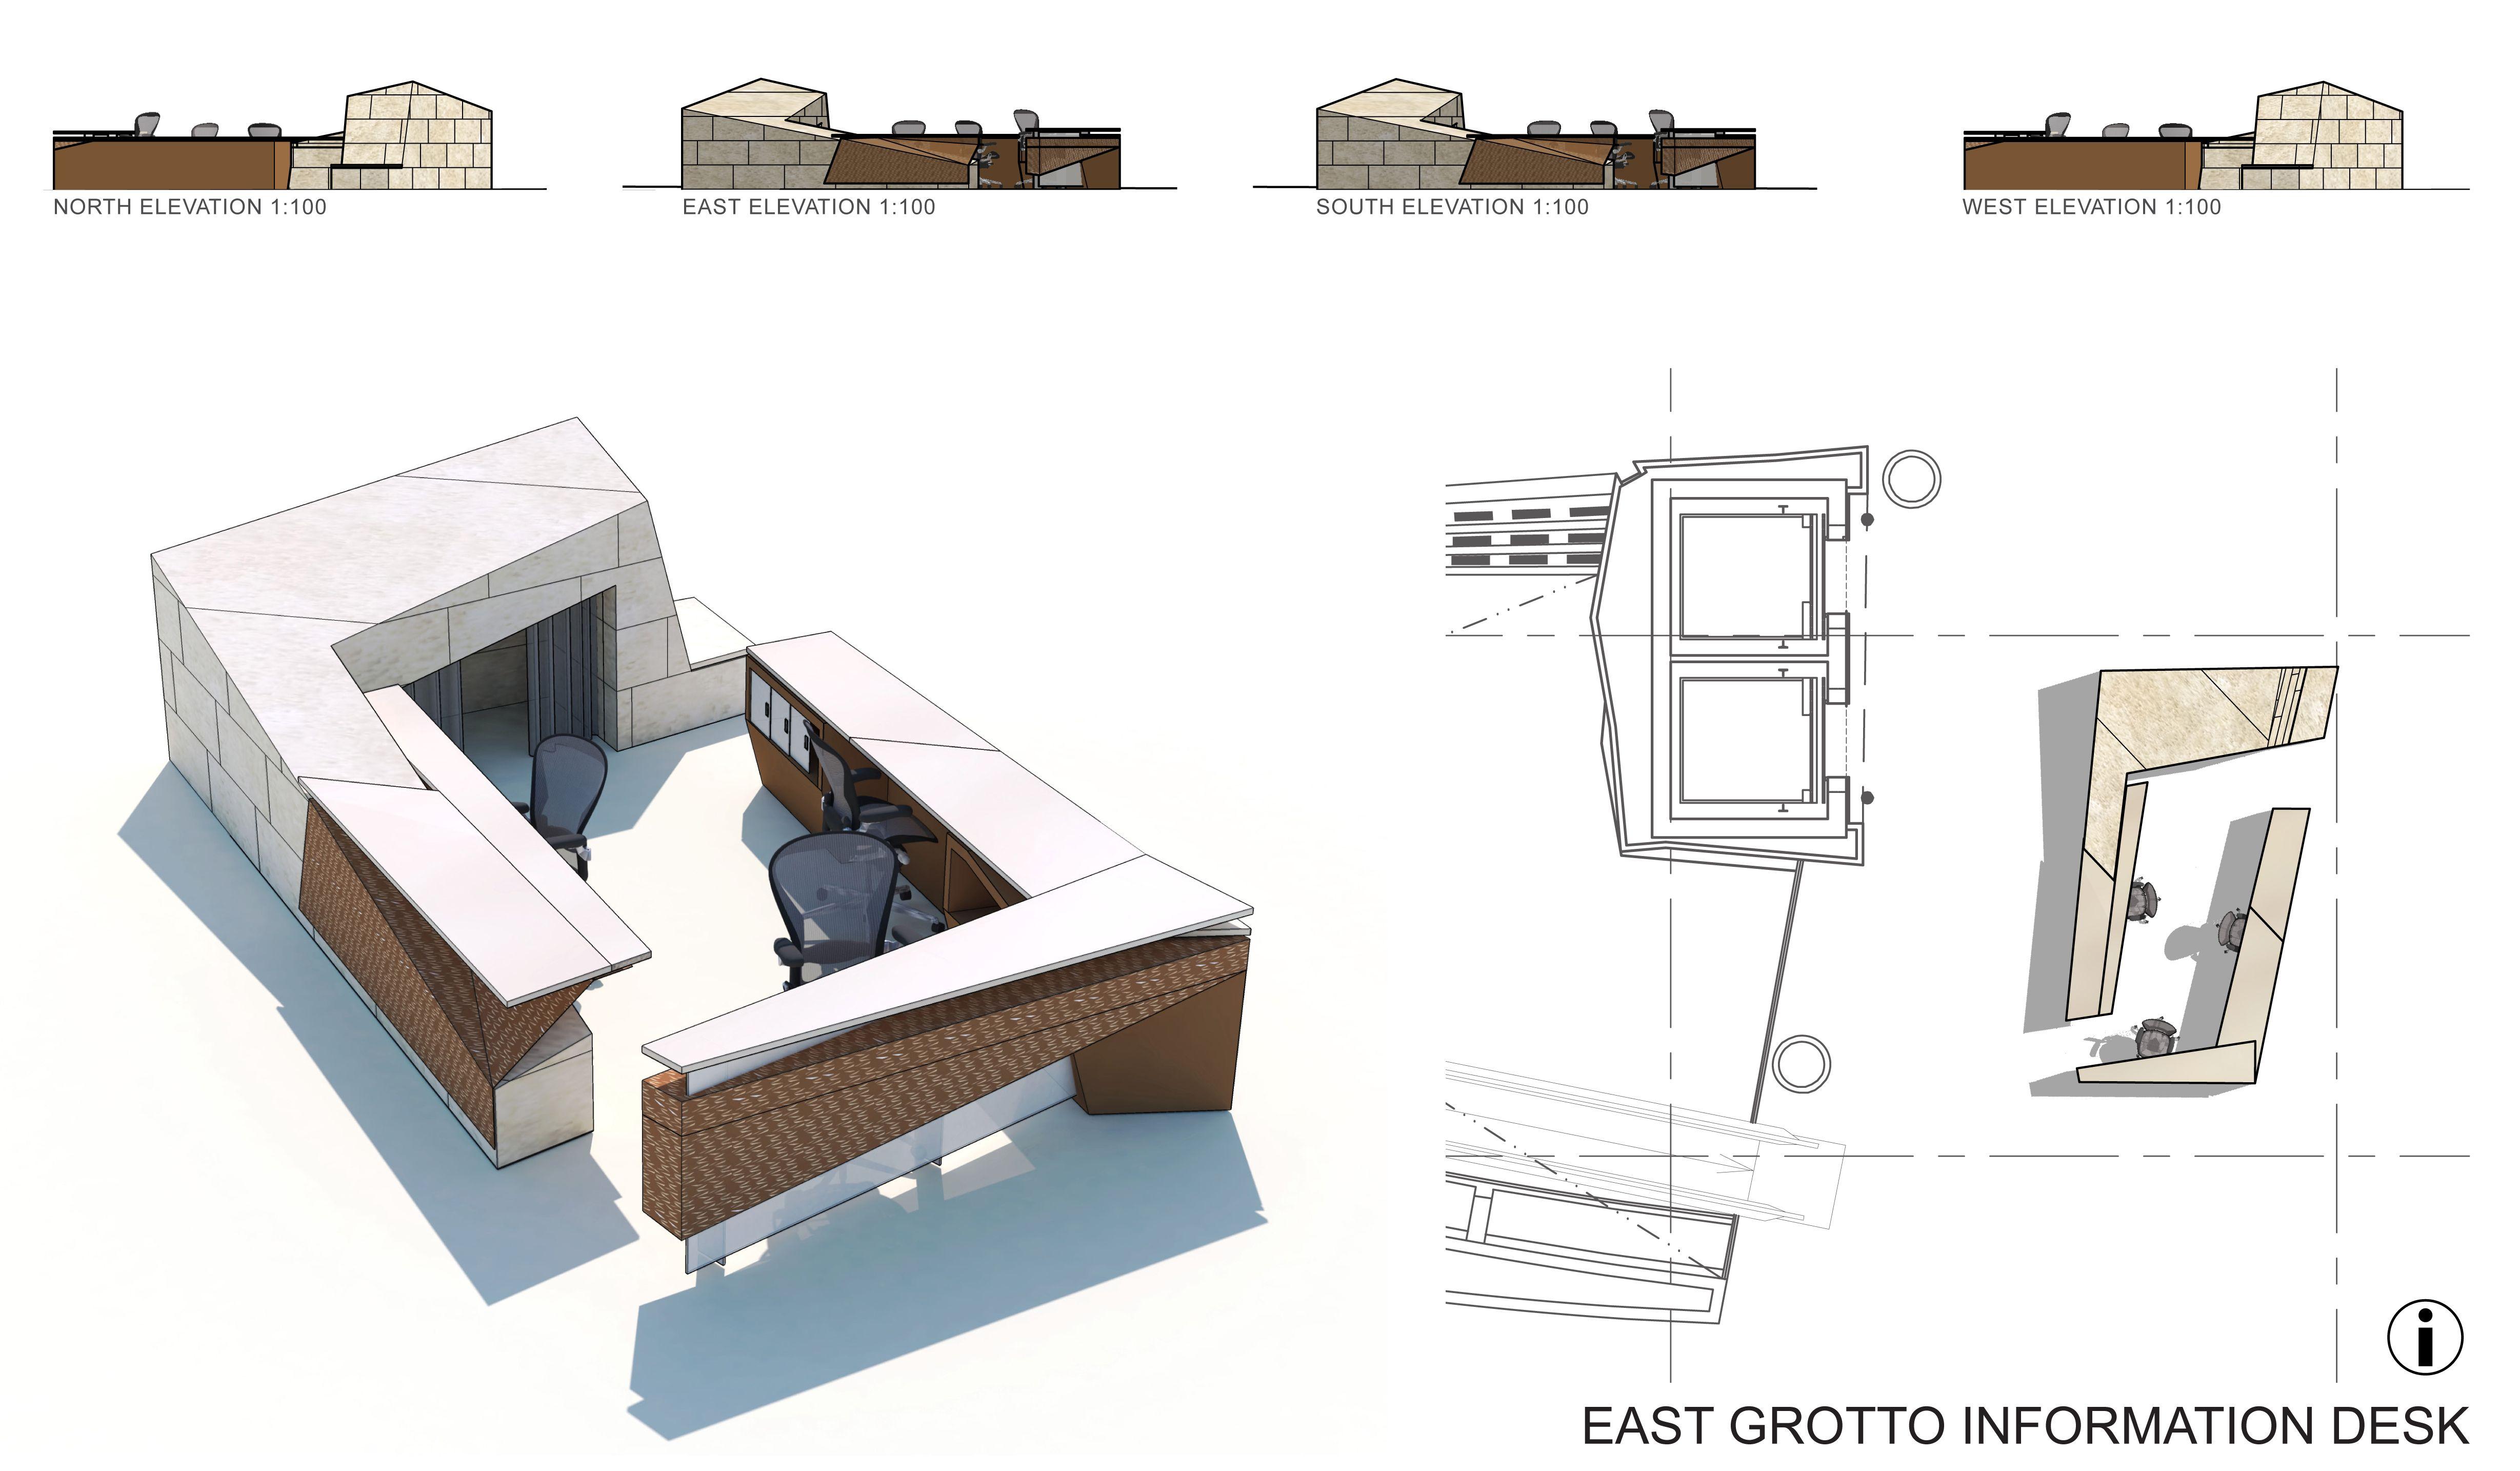 stratford city design google - Concierge Desk Design